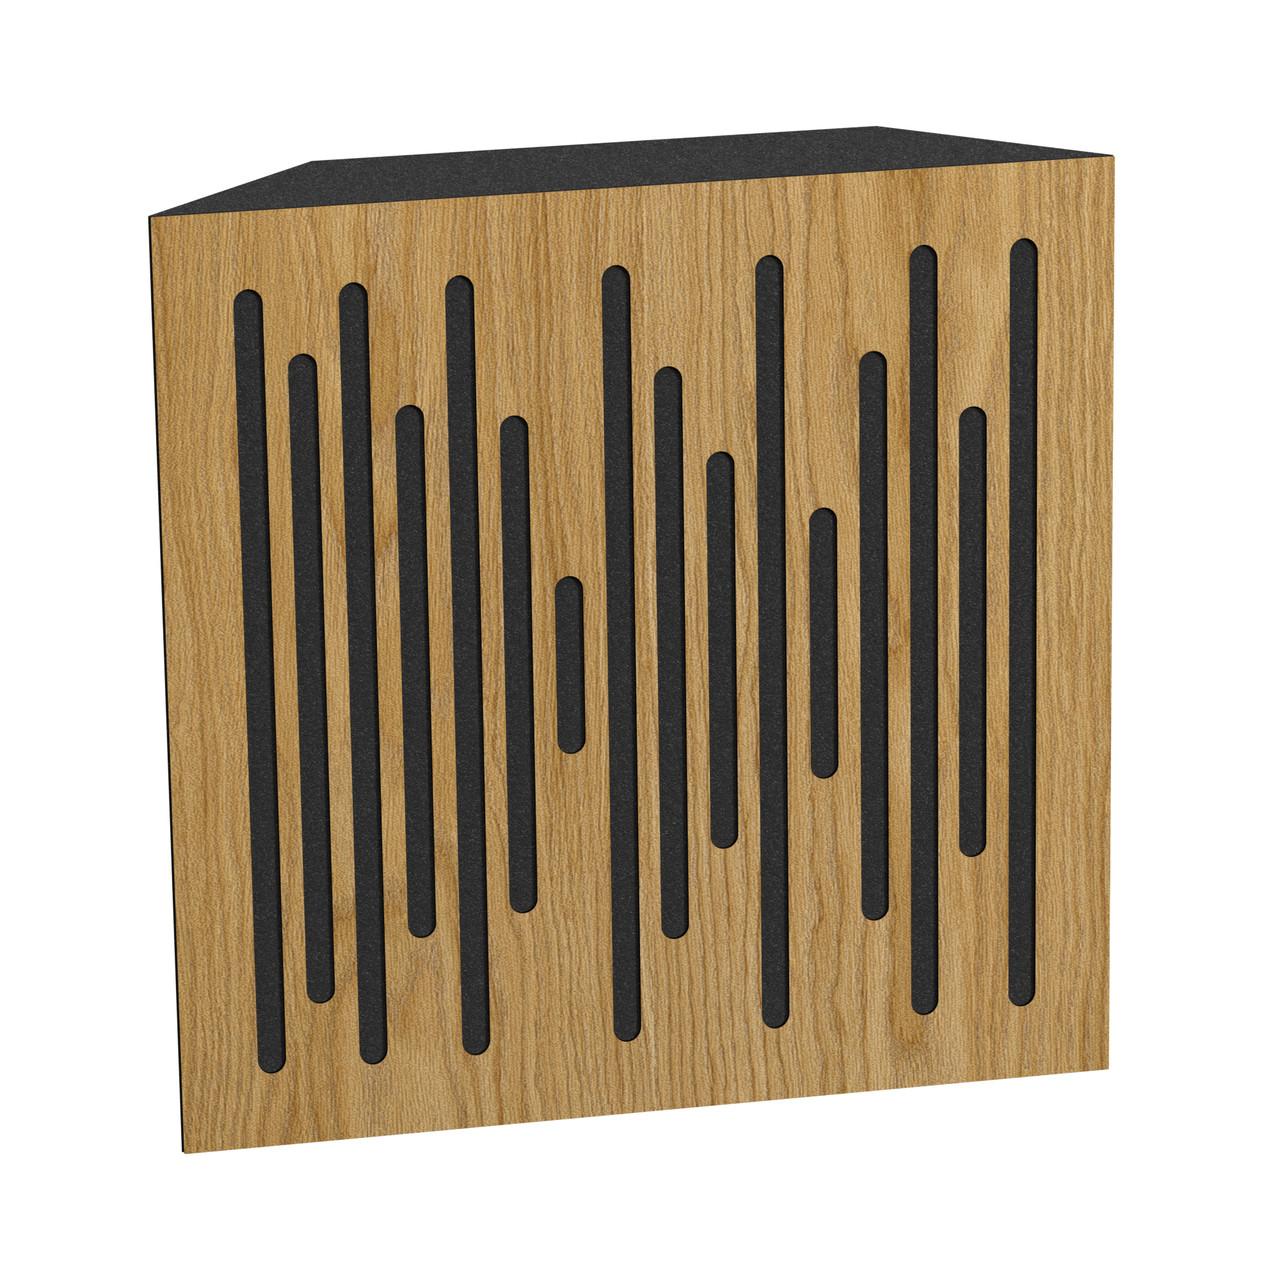 Бас ловушка Ecosound Bass trap Ecowave wood 500х500х100 цвет шервуд